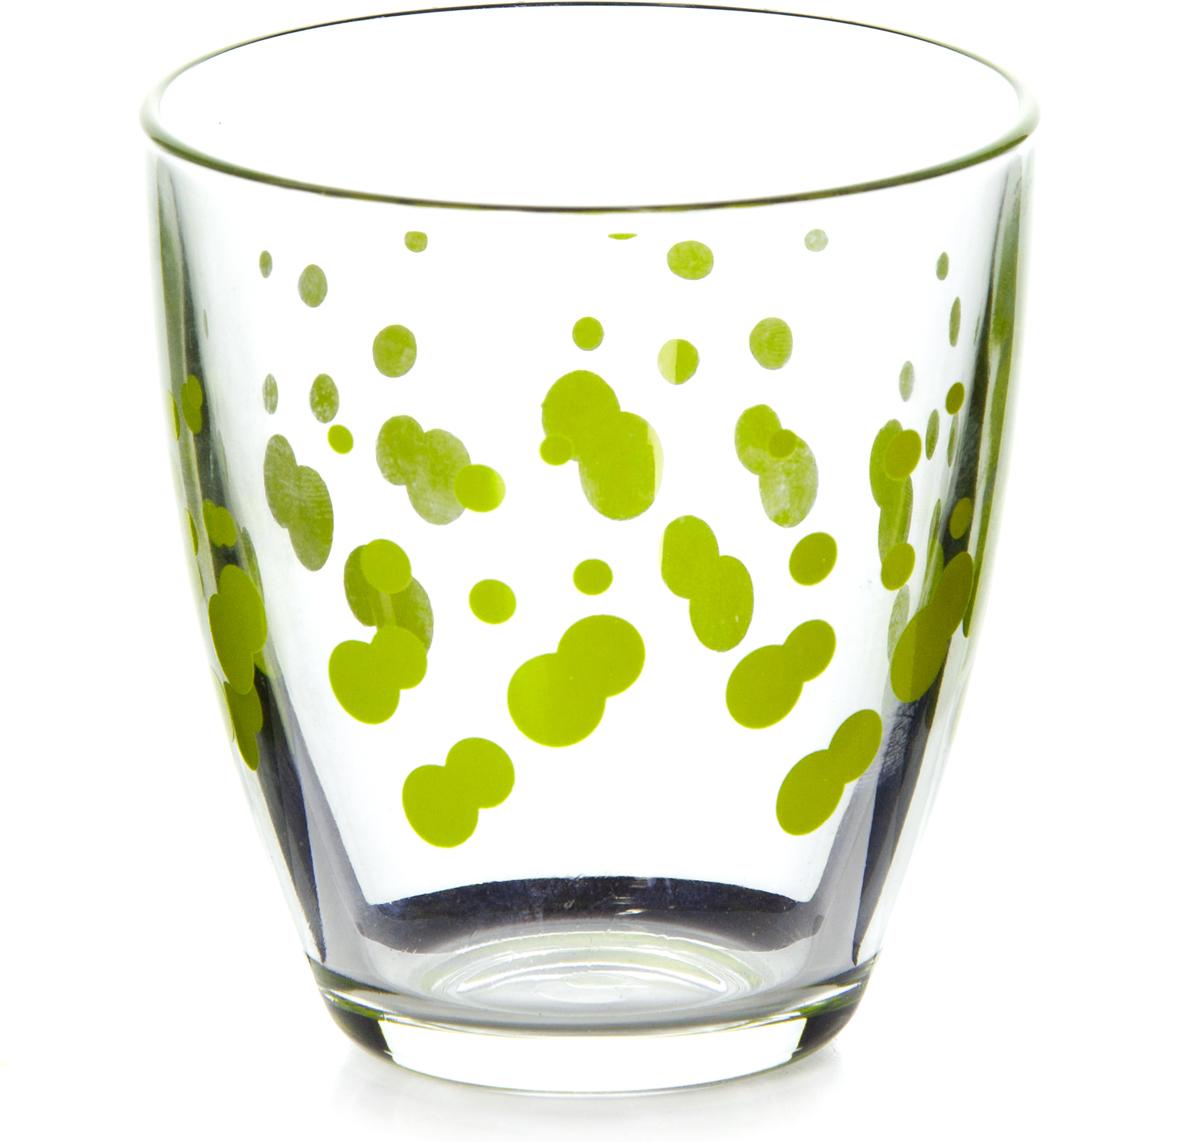 Стакан Pasabahce Джаз, цвет: зеленый, 285 мл52645SLBD6Стакан Pasabahce Джаз выполнен из силикатного стекла.Высота стакана - 90 мм, диаметр - 85 мм.